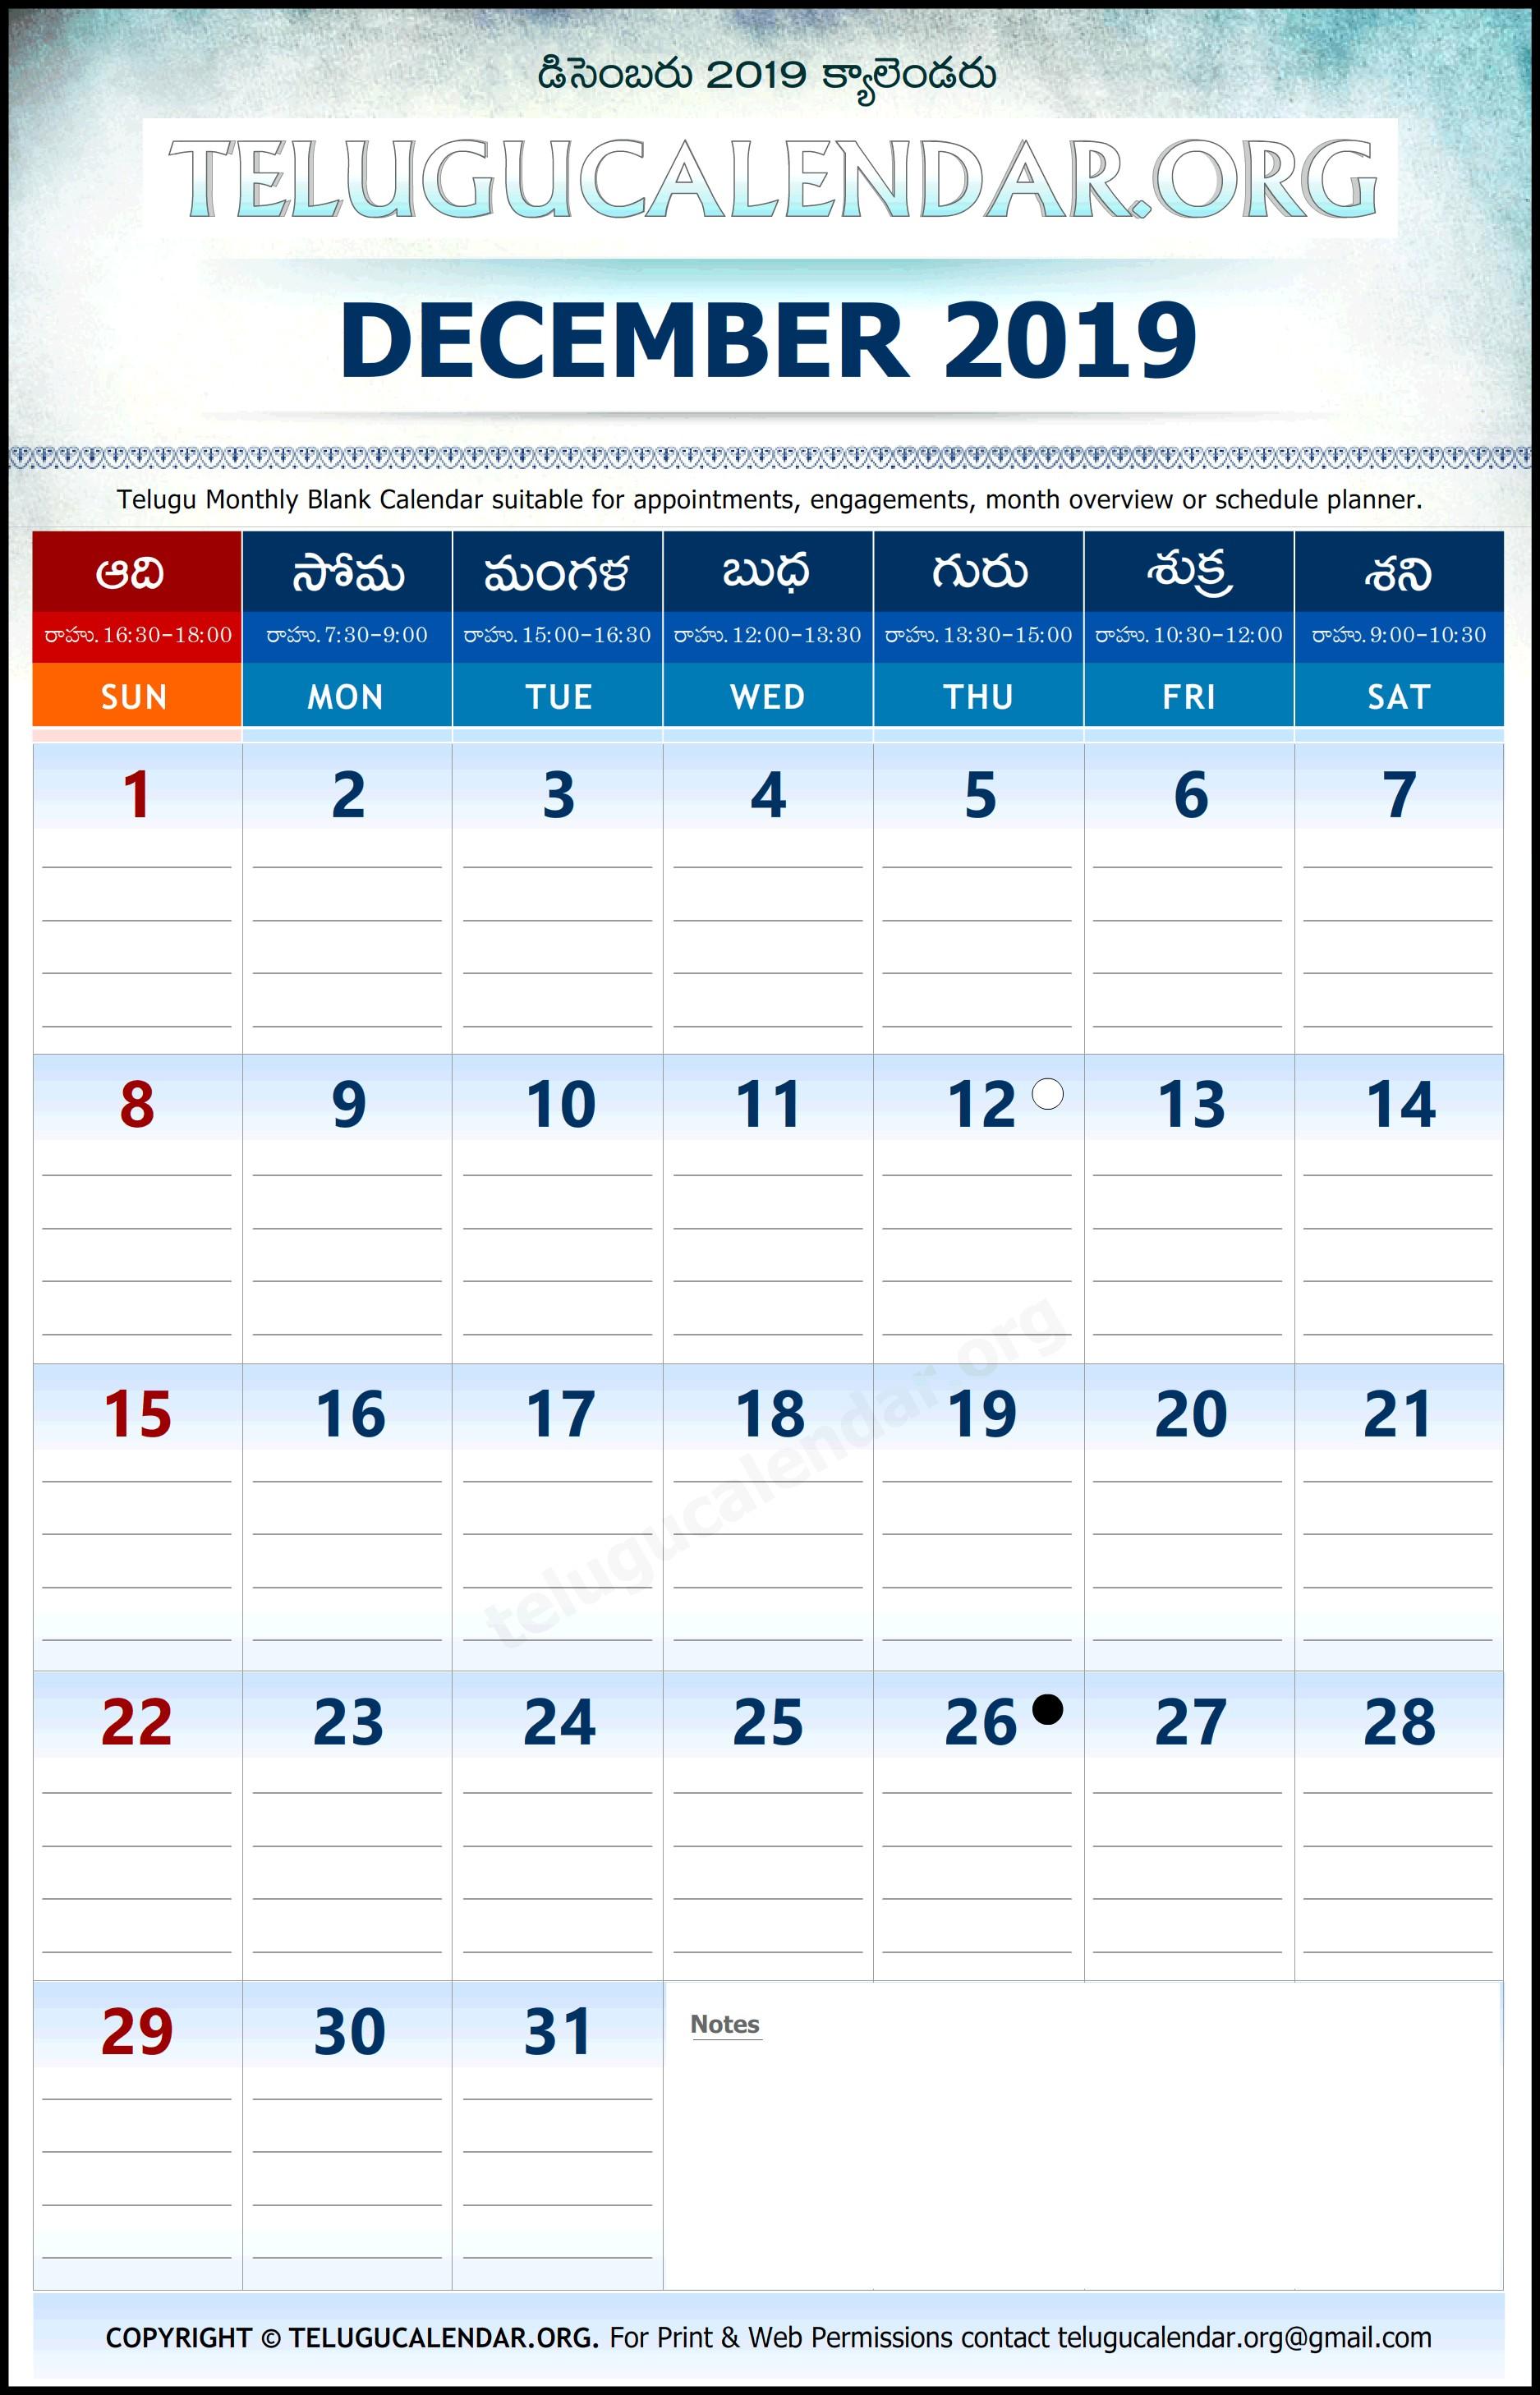 telugu calendar 2019 december planner